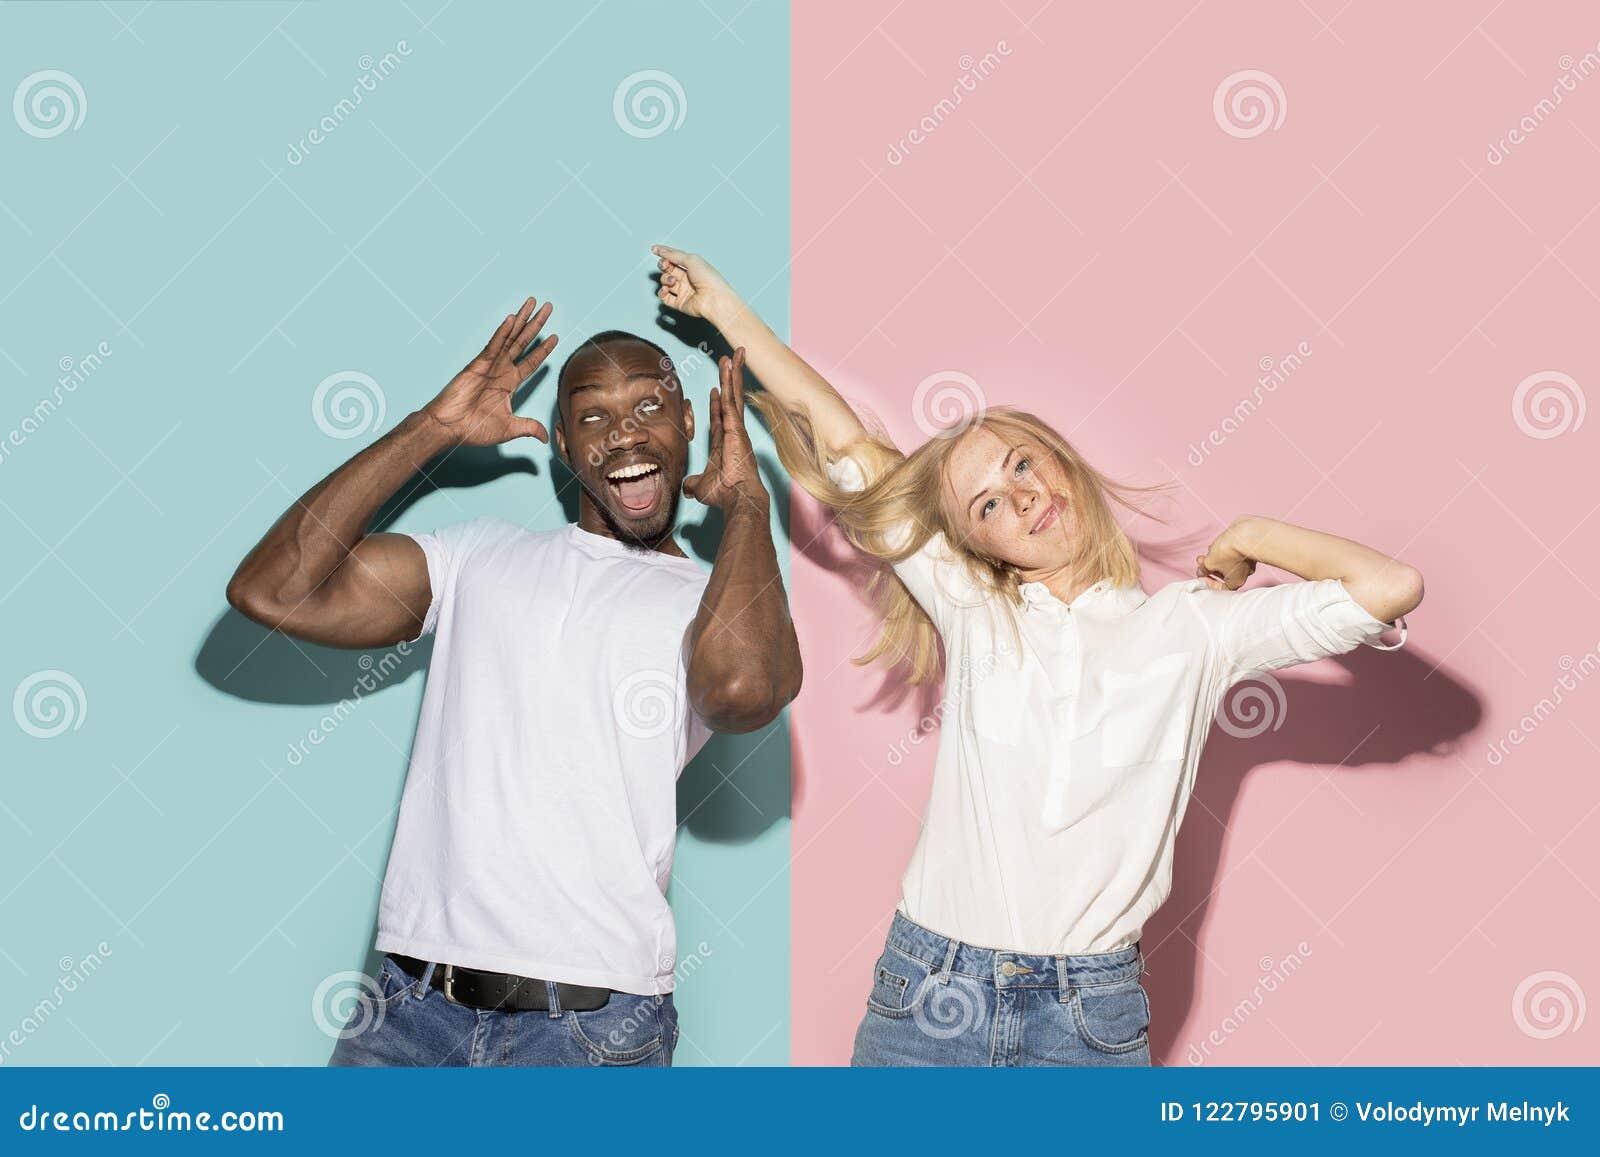 Vindögdheten synade par med kusligt uttryck på blå och rosa studio